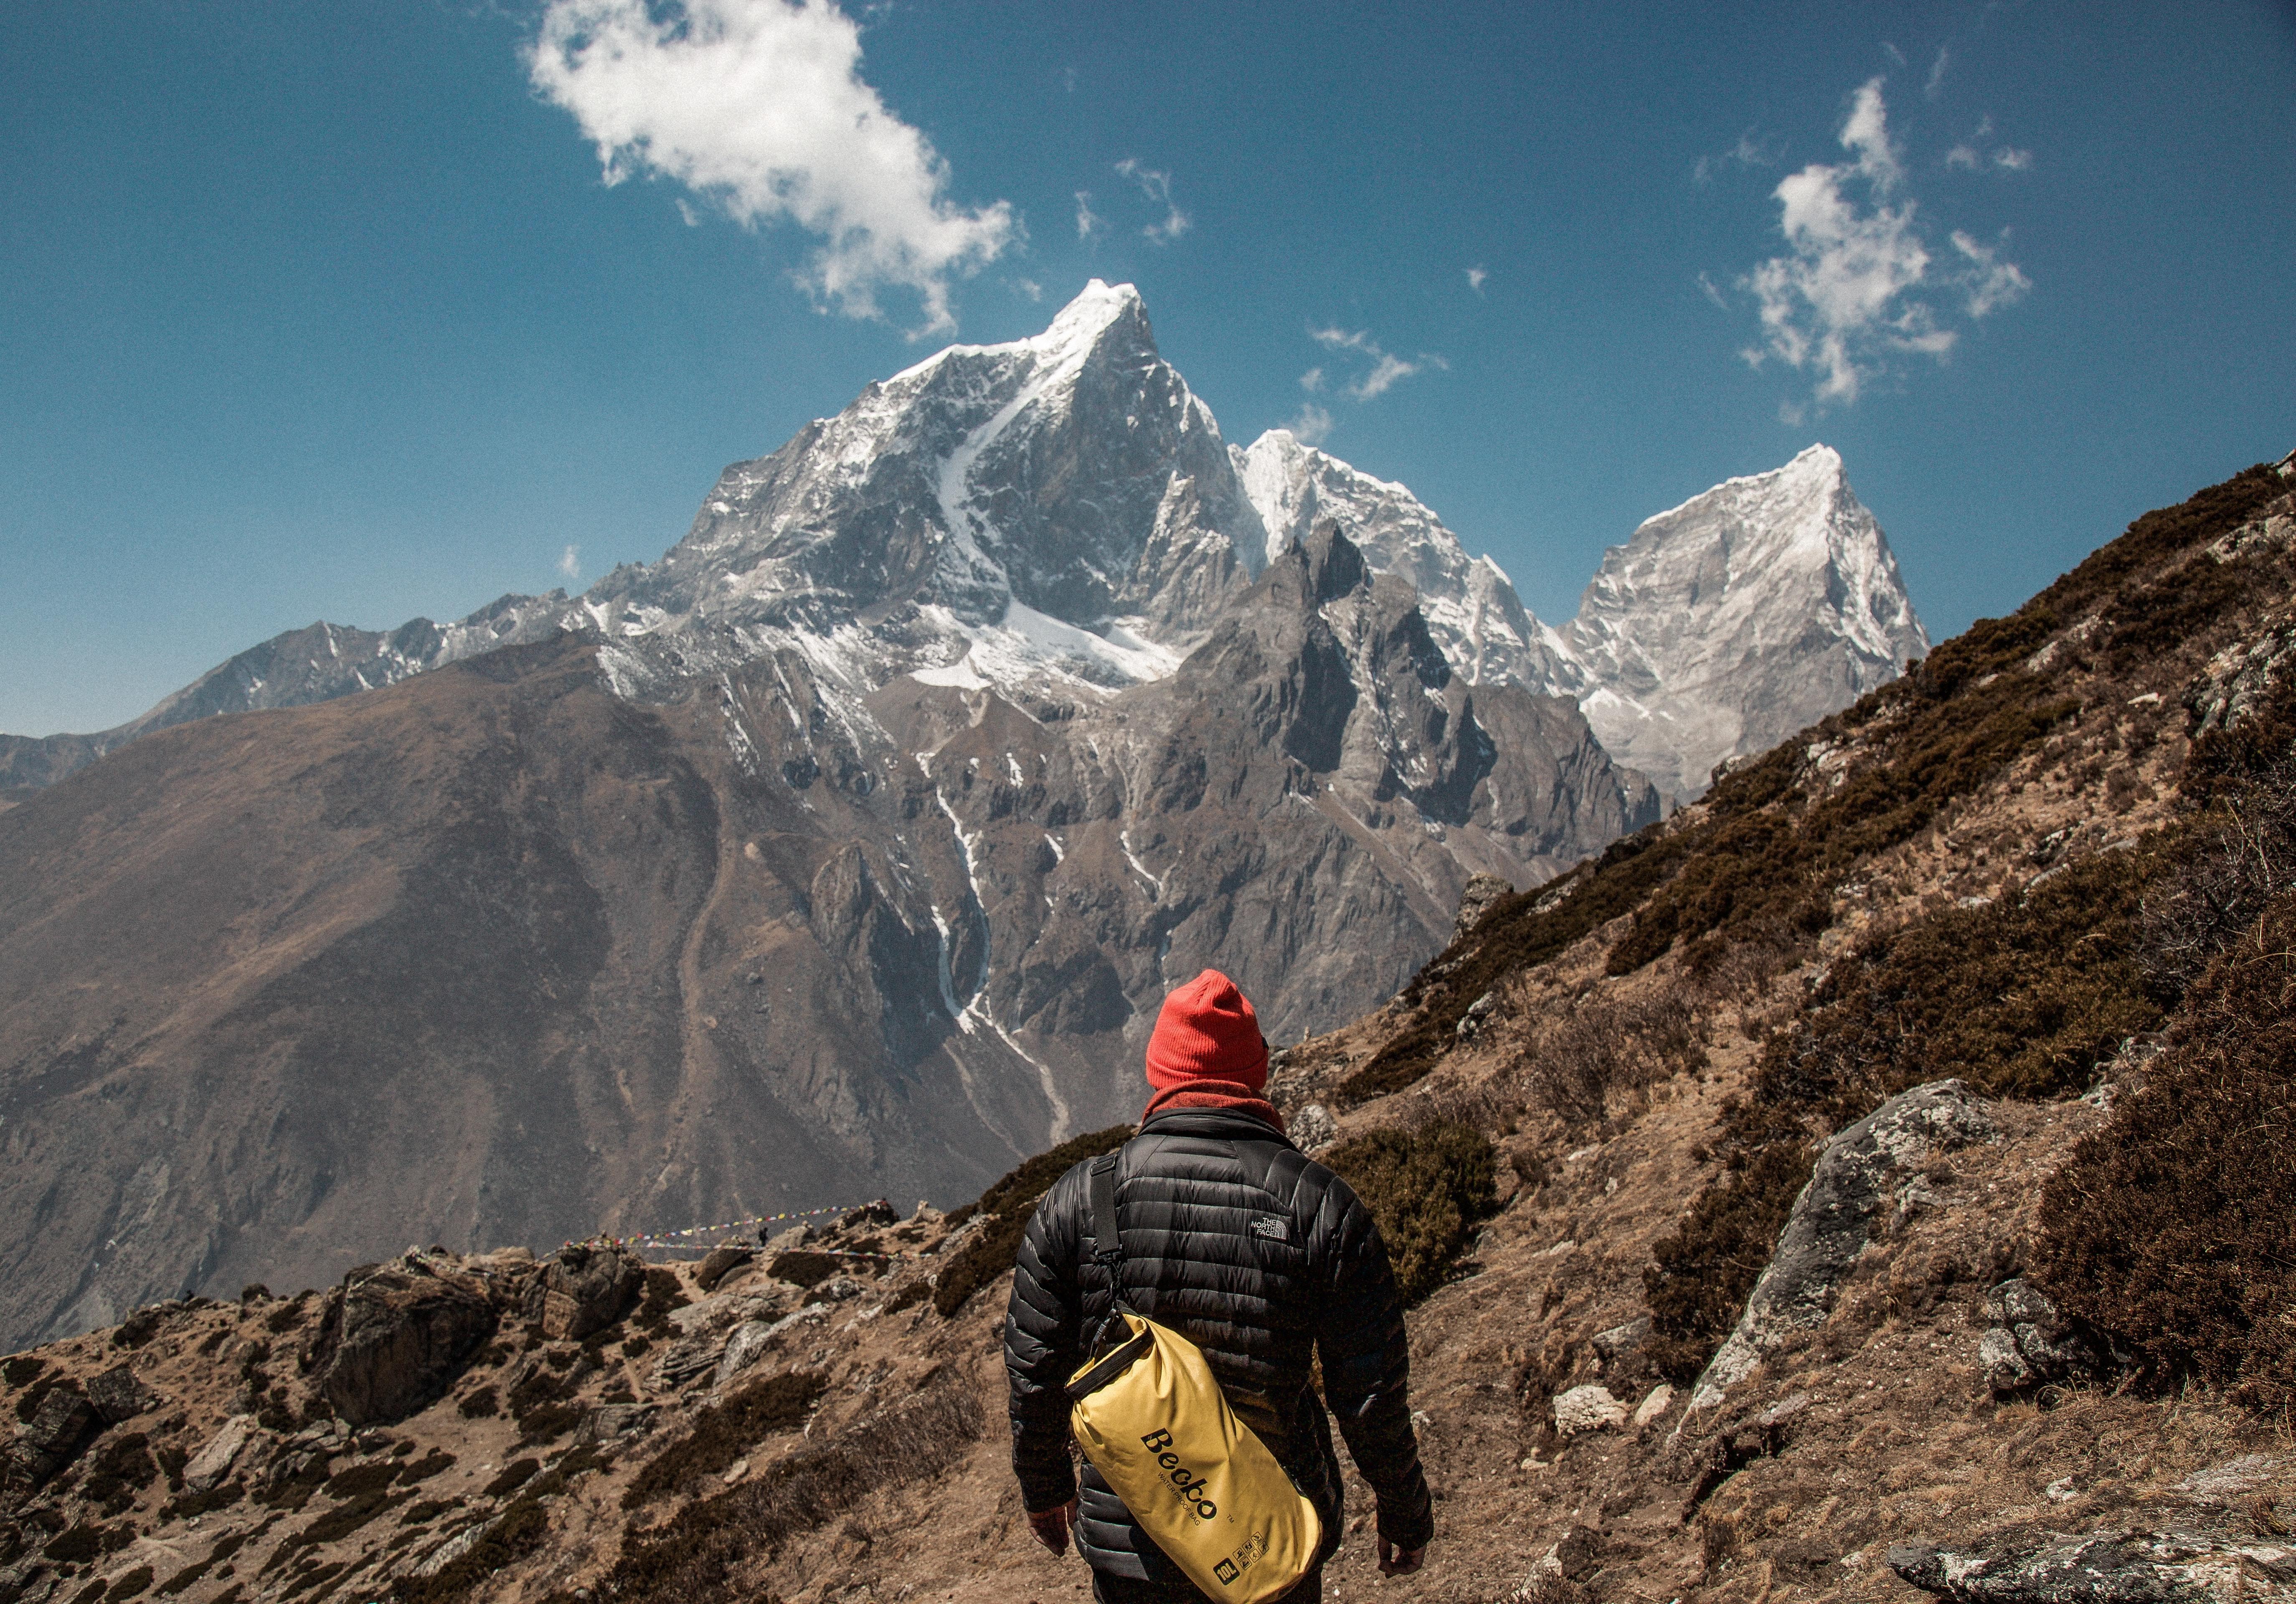 A man climbing a mountain.